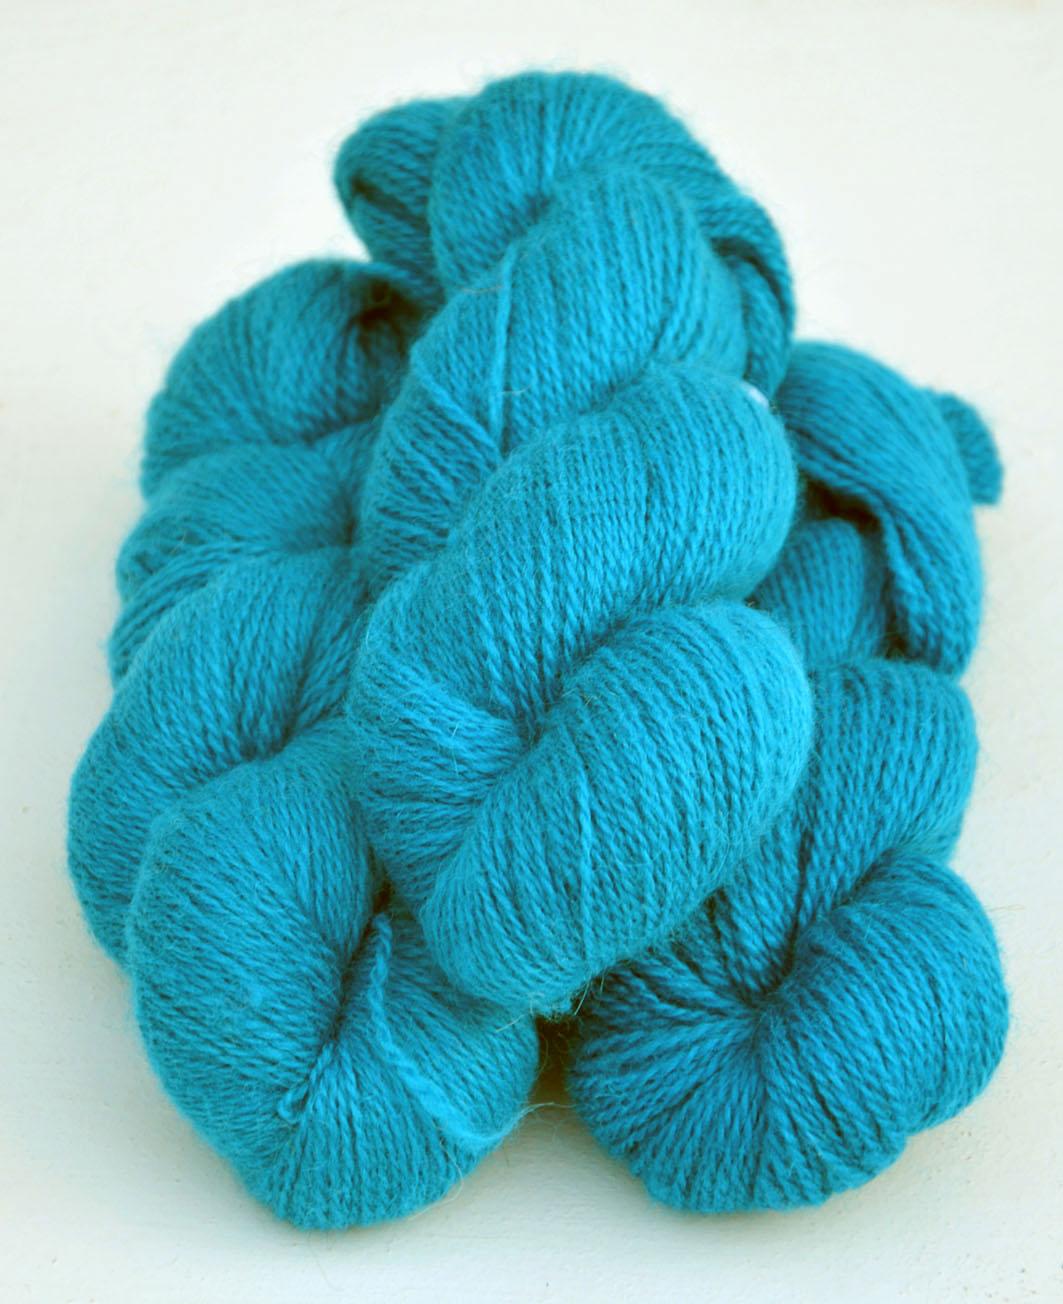 Ullcentrum 6/2-4101 Türkis auf weißer Wolle Turquoise on white Wool turkos på vit